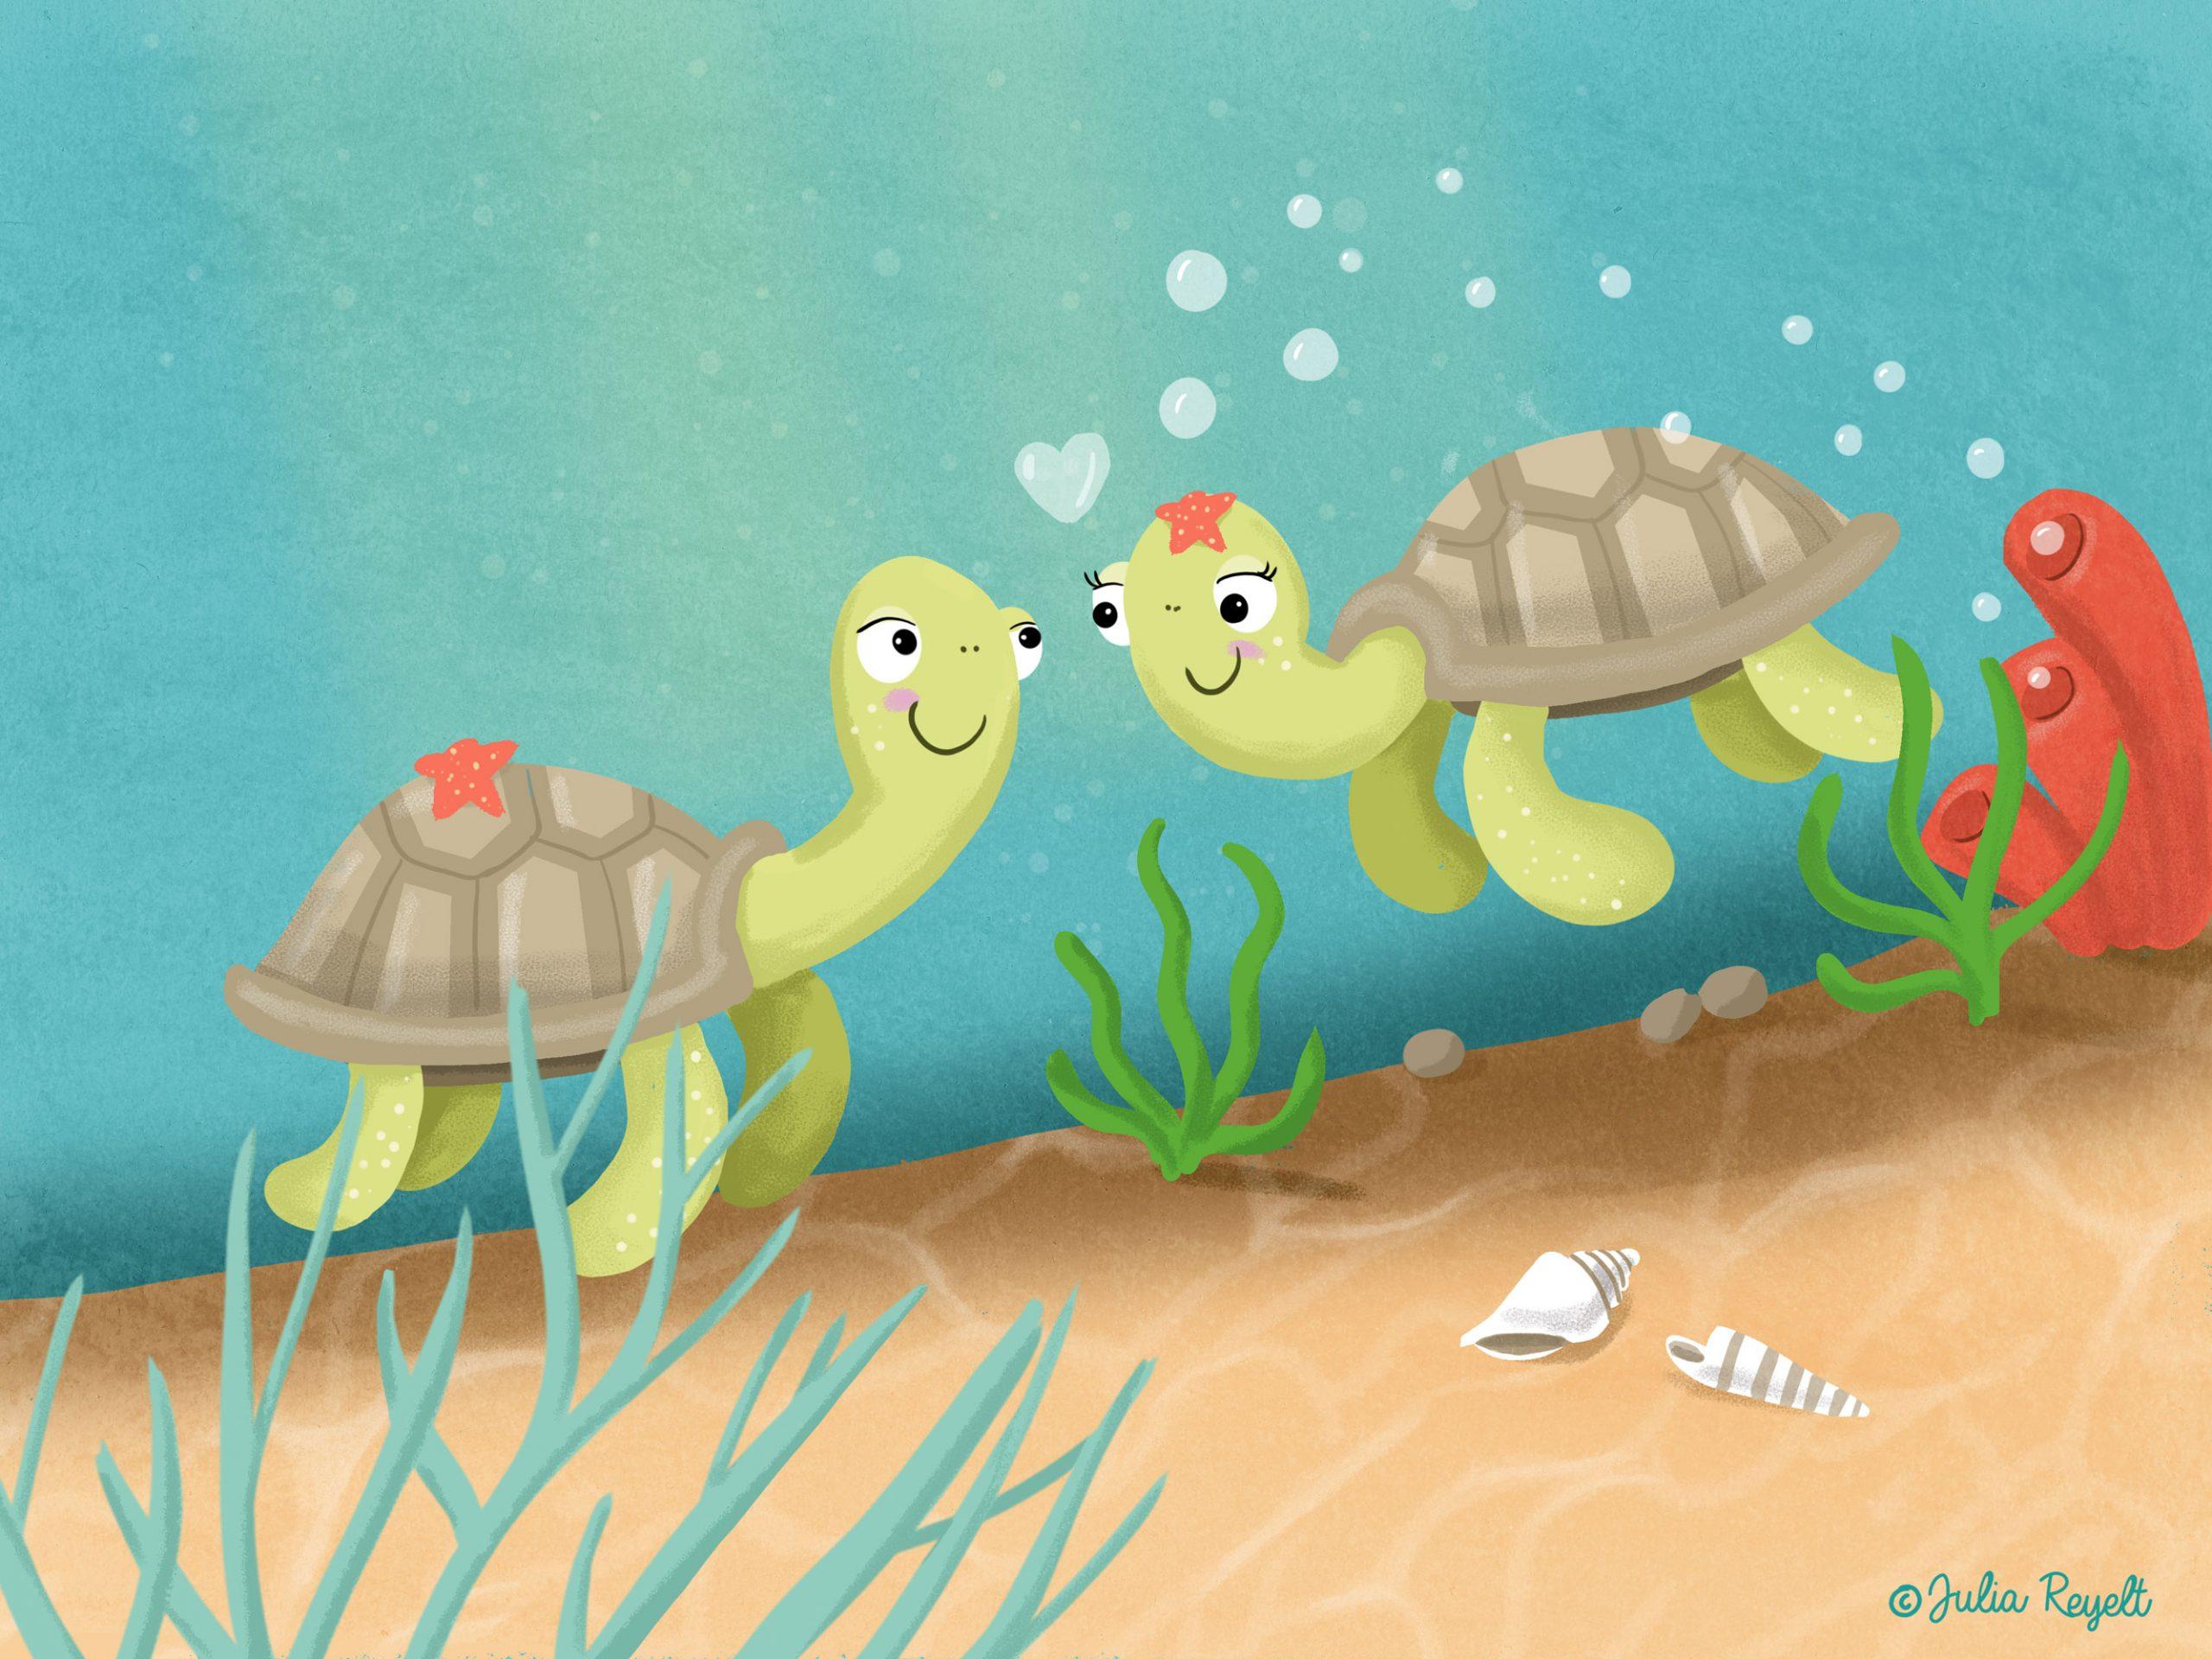 Chillkröten